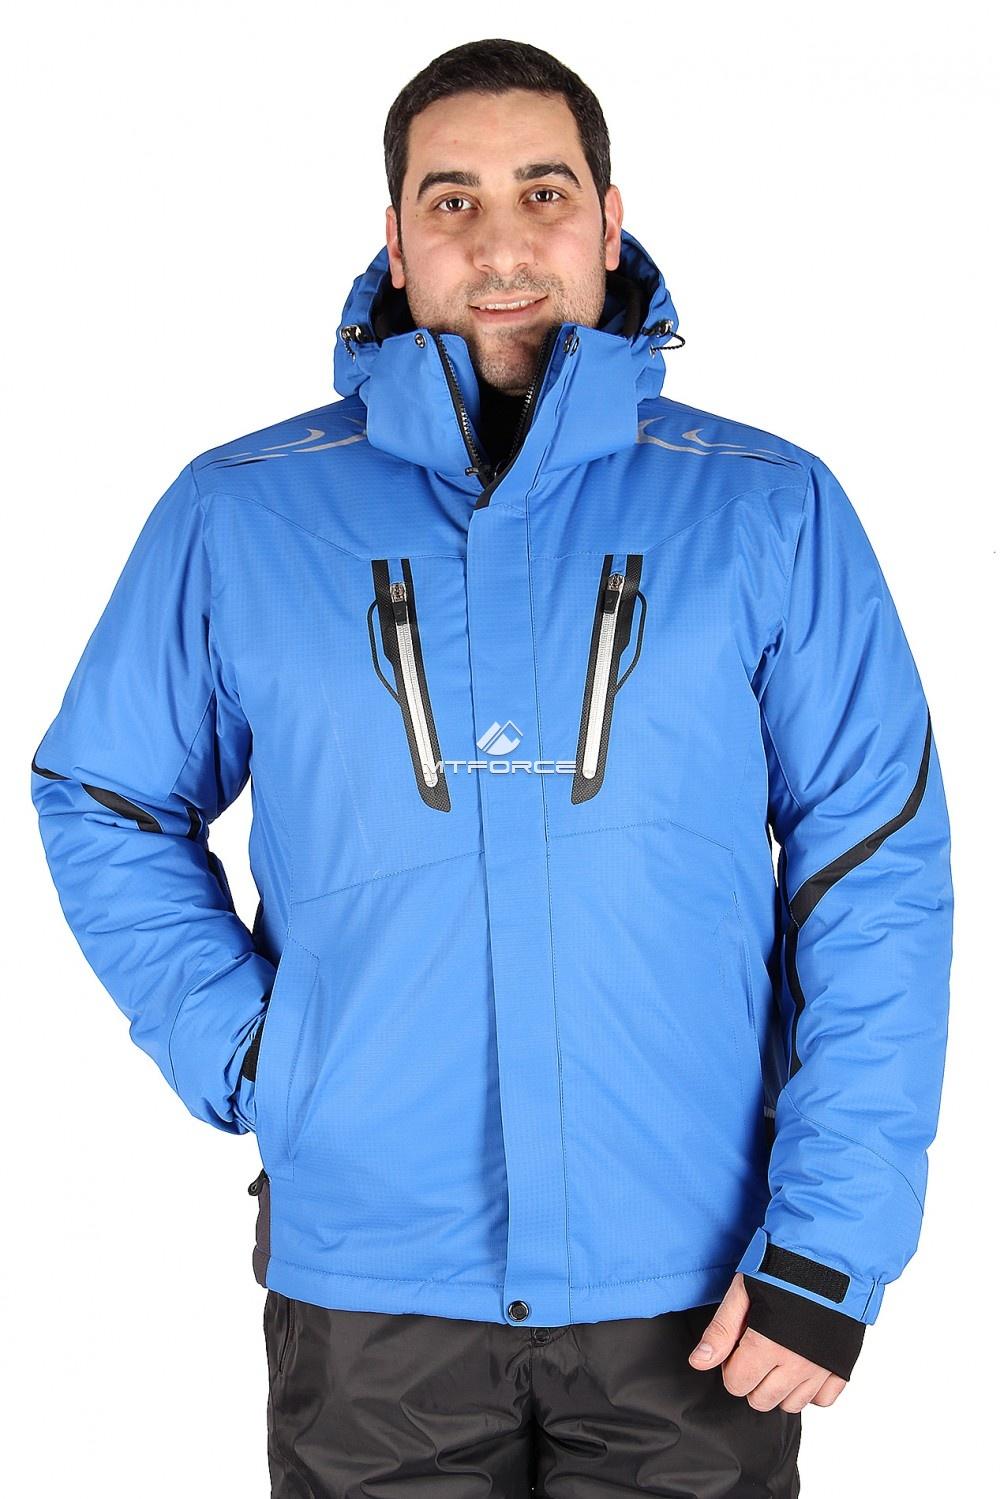 Купить                                  оптом Куртка горнолыжная мужская синего цвета 1556S